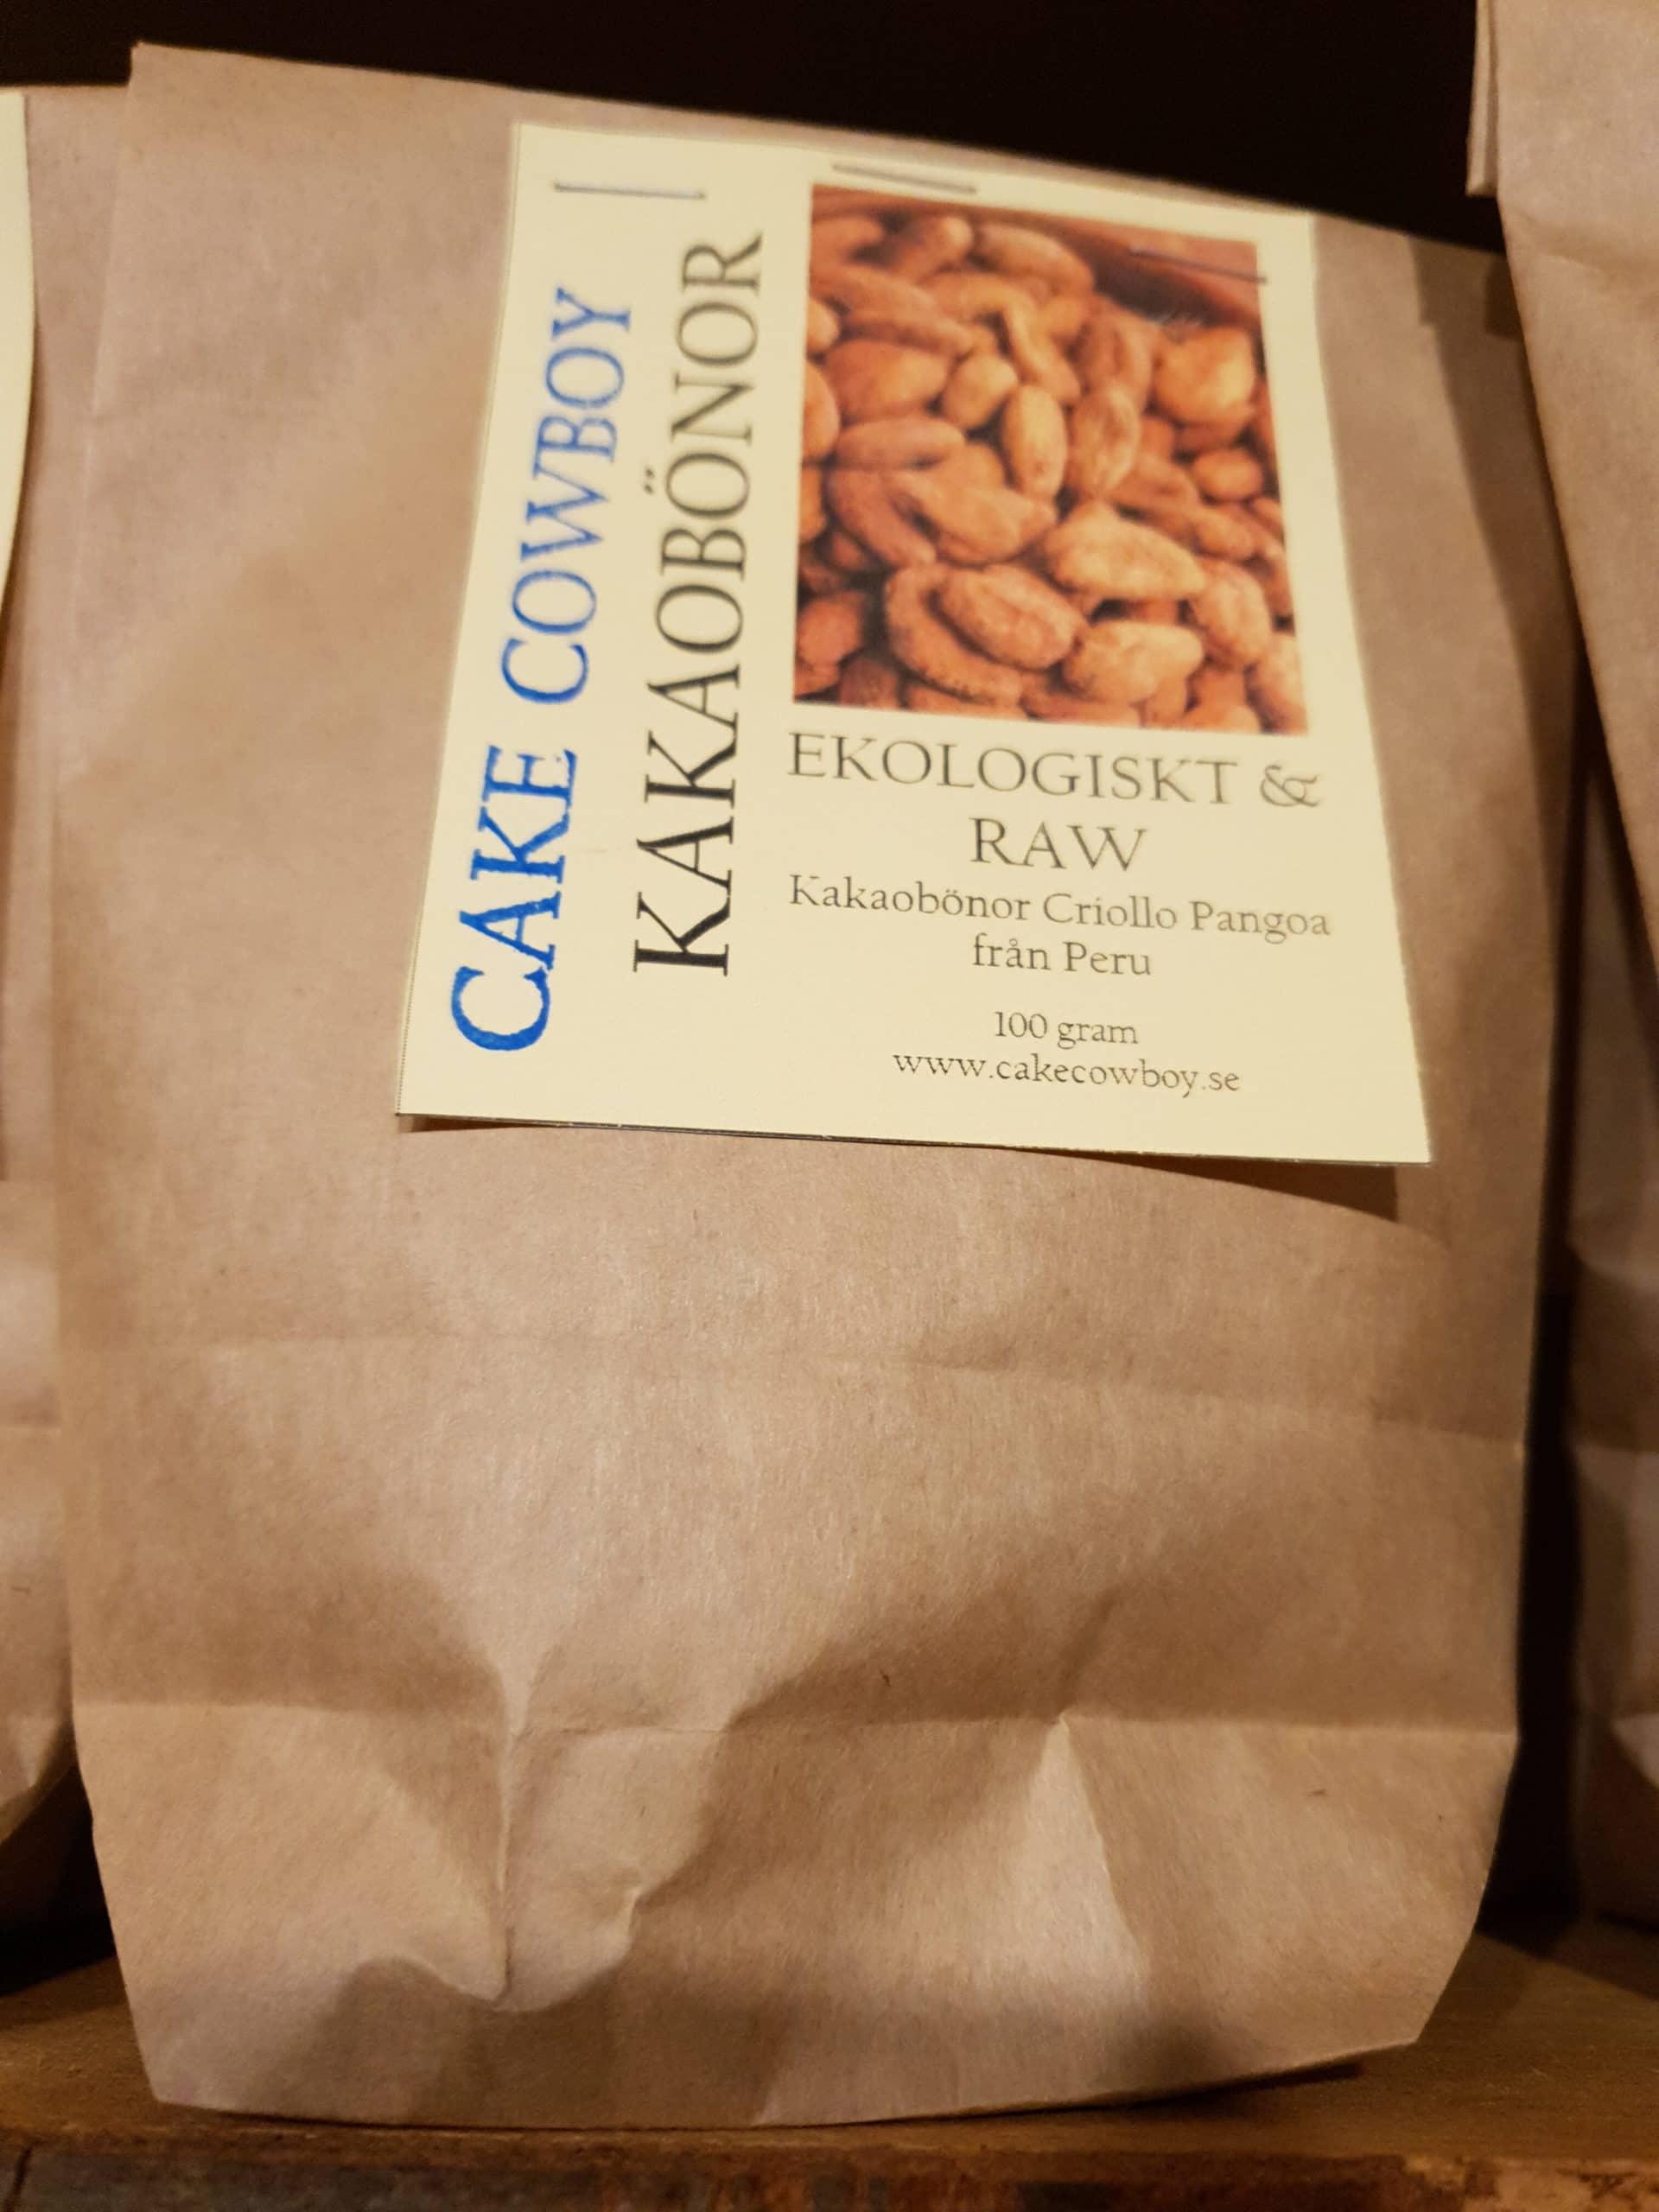 Kakaobönor Criollo Pangoa från Peru